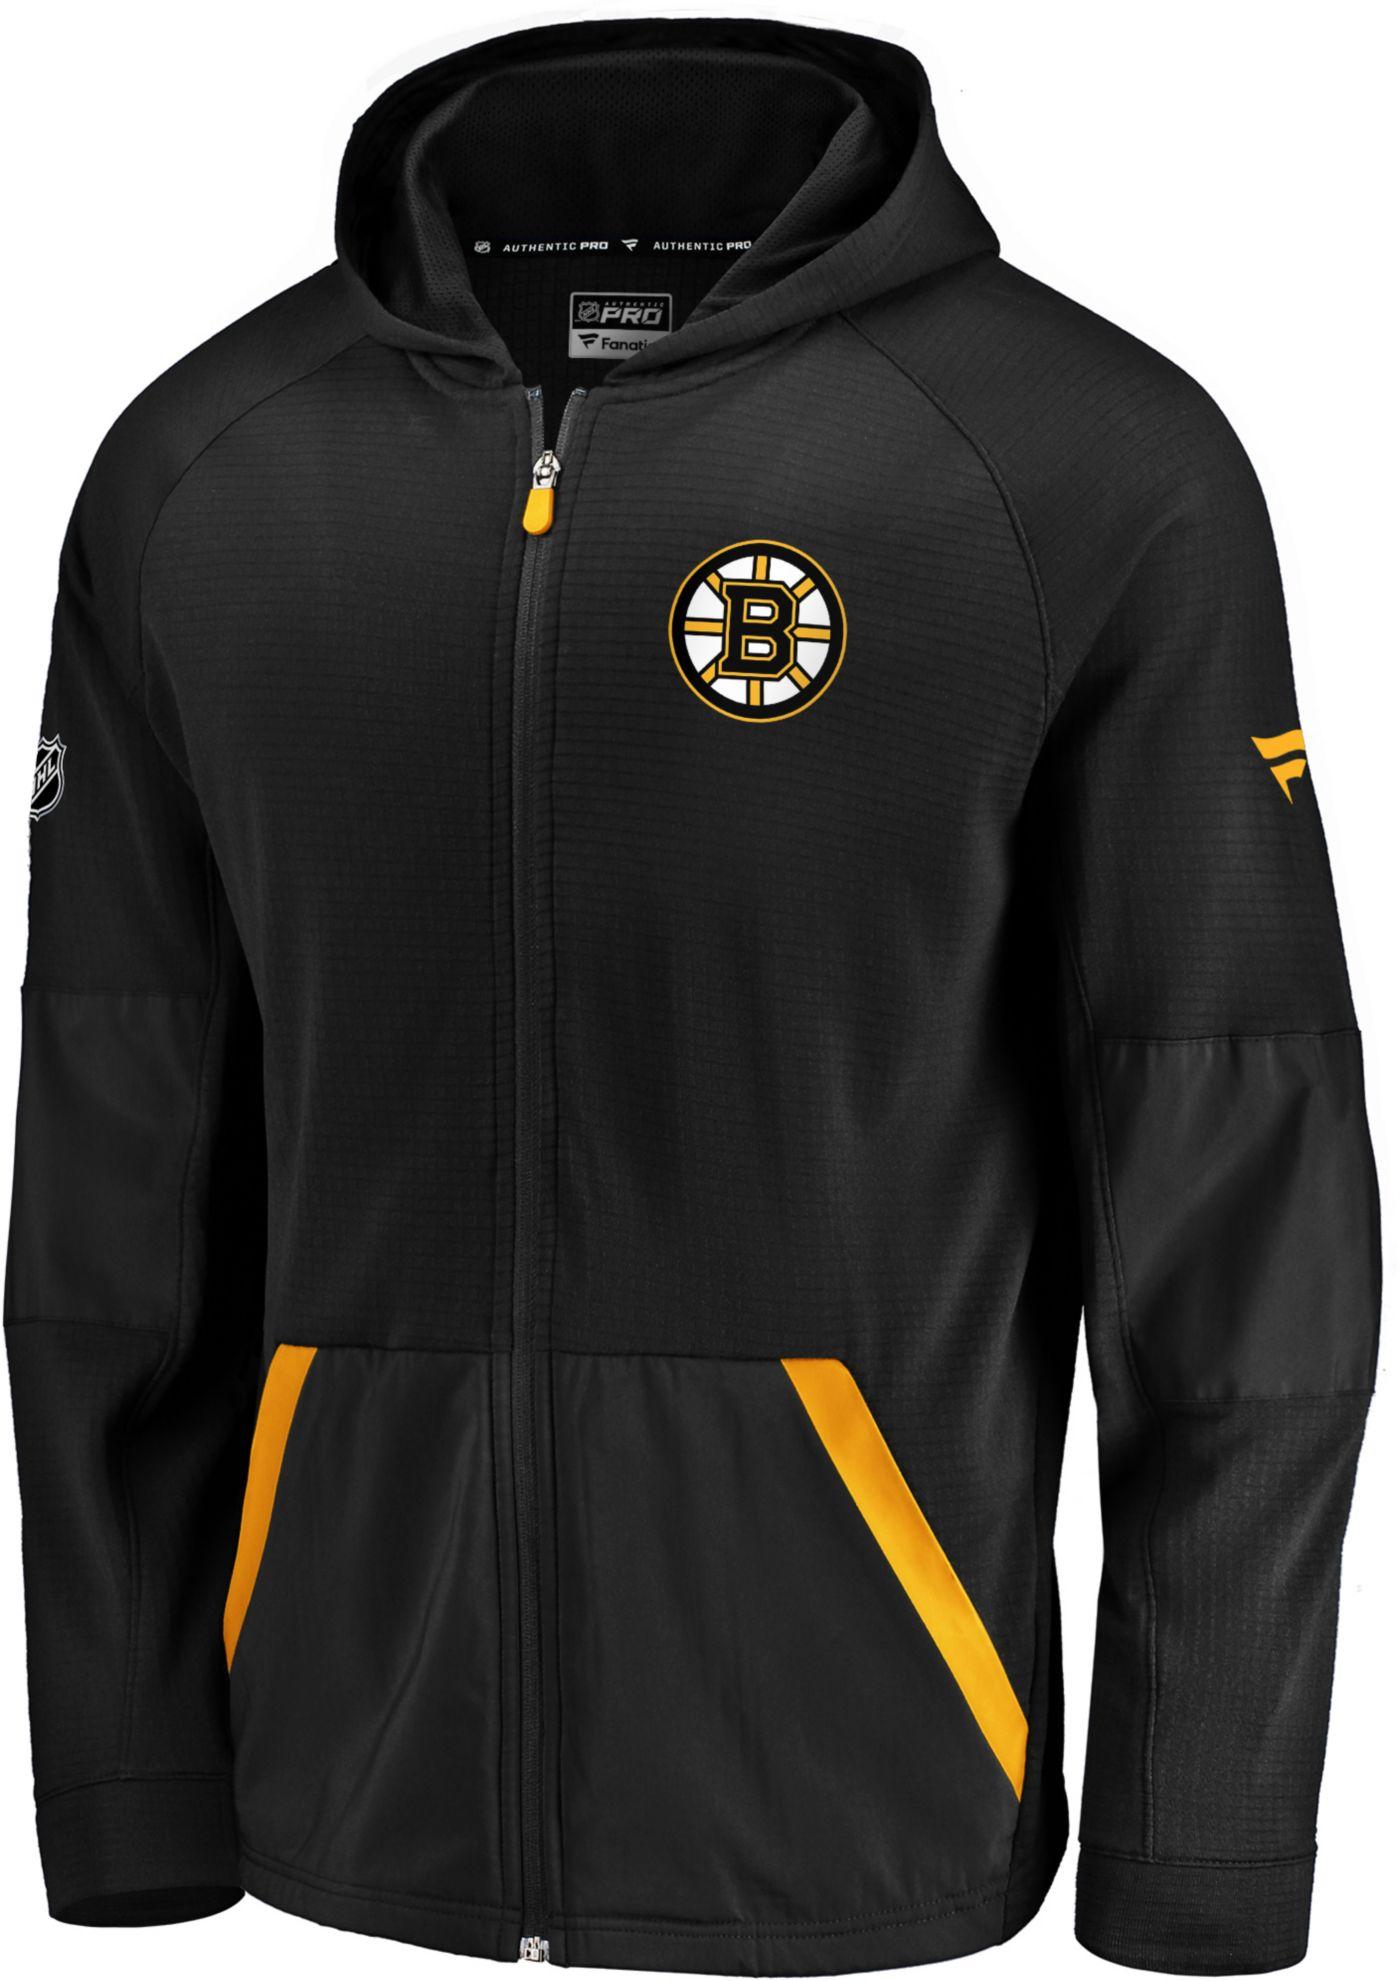 NHL Men's Boston Bruins Authentic Pro Rinkside Gridback Black Full-Zip Hoodie